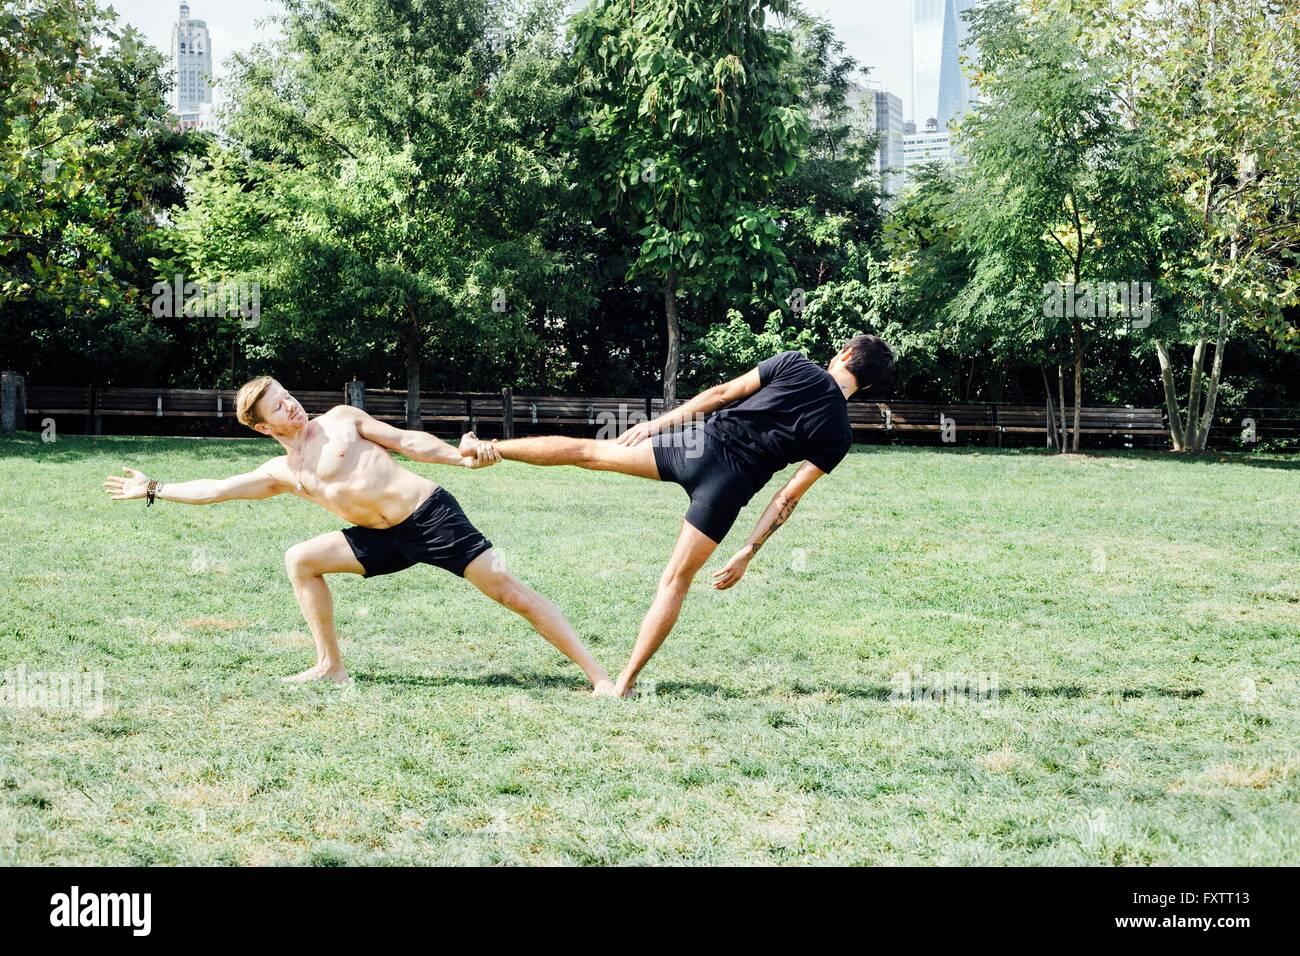 Deux hommes de vous pencher sur le côté en position de maintien de pied de yoga in park Banque D'Images